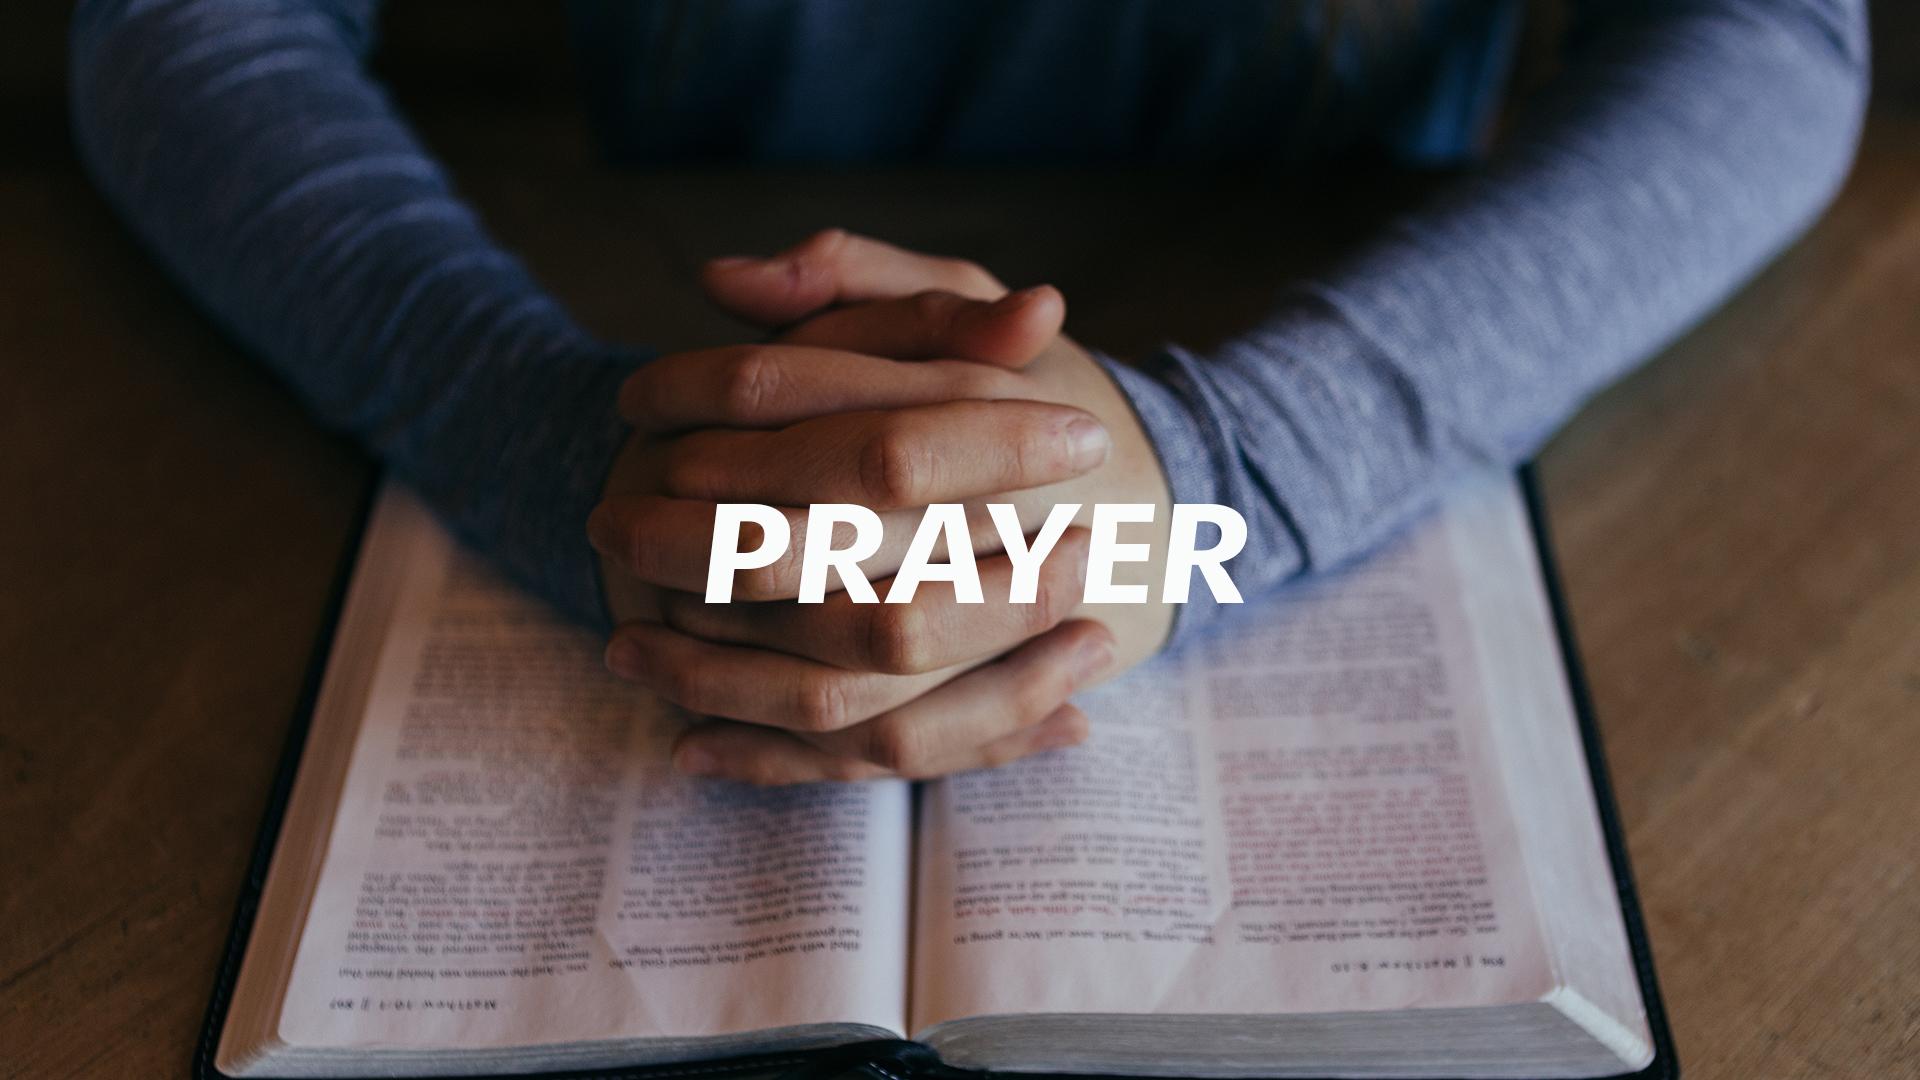 PRAYERIMAGE.jpg